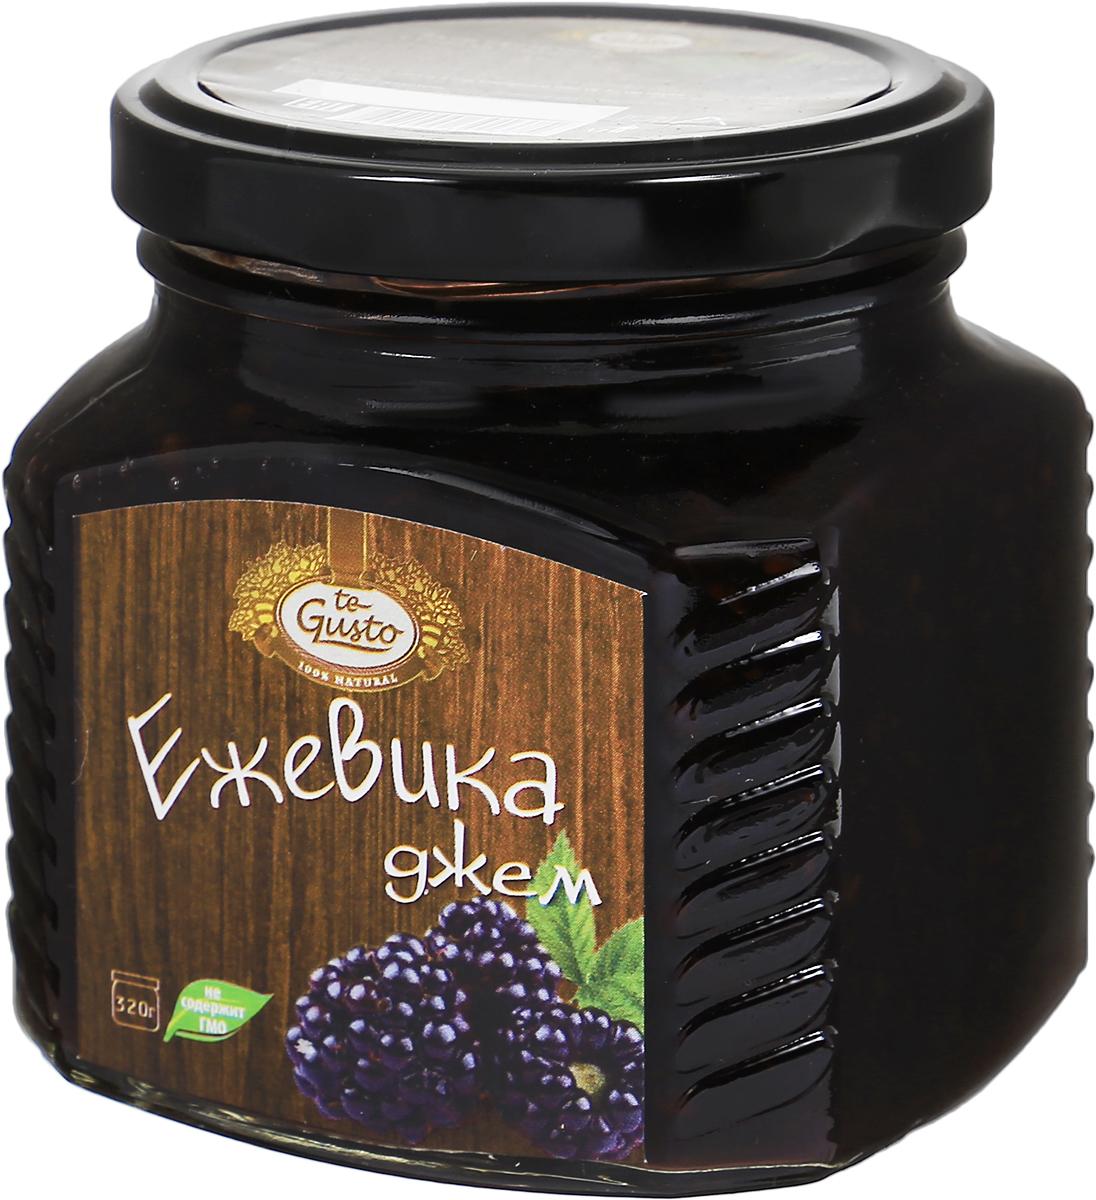 te Gusto Джем из ежевики, 320 г4680000202770Ароматный джем te Gusto изготовлен из ежевики, имеет желеобразную консистенцию с крупными кусочками ягод.Для приготовления джема используются только свежие, тщательно отобранные плоды, созревшие в экологически чистых местах. Продукт не содержит ГМО.Открыв ежевичное сокровище, вы получите не только вкусный натуральный десерт, но и эффективное лекарство от простуды. В соке ягоды масса биофлавонидов, которые способствуют снижению жара, нормализации температуры. Это лучше, чем все фармацевтические инновации.Уважаемые клиенты! Обращаем ваше внимание, что полный перечень состава продукта представлен на дополнительном изображении.